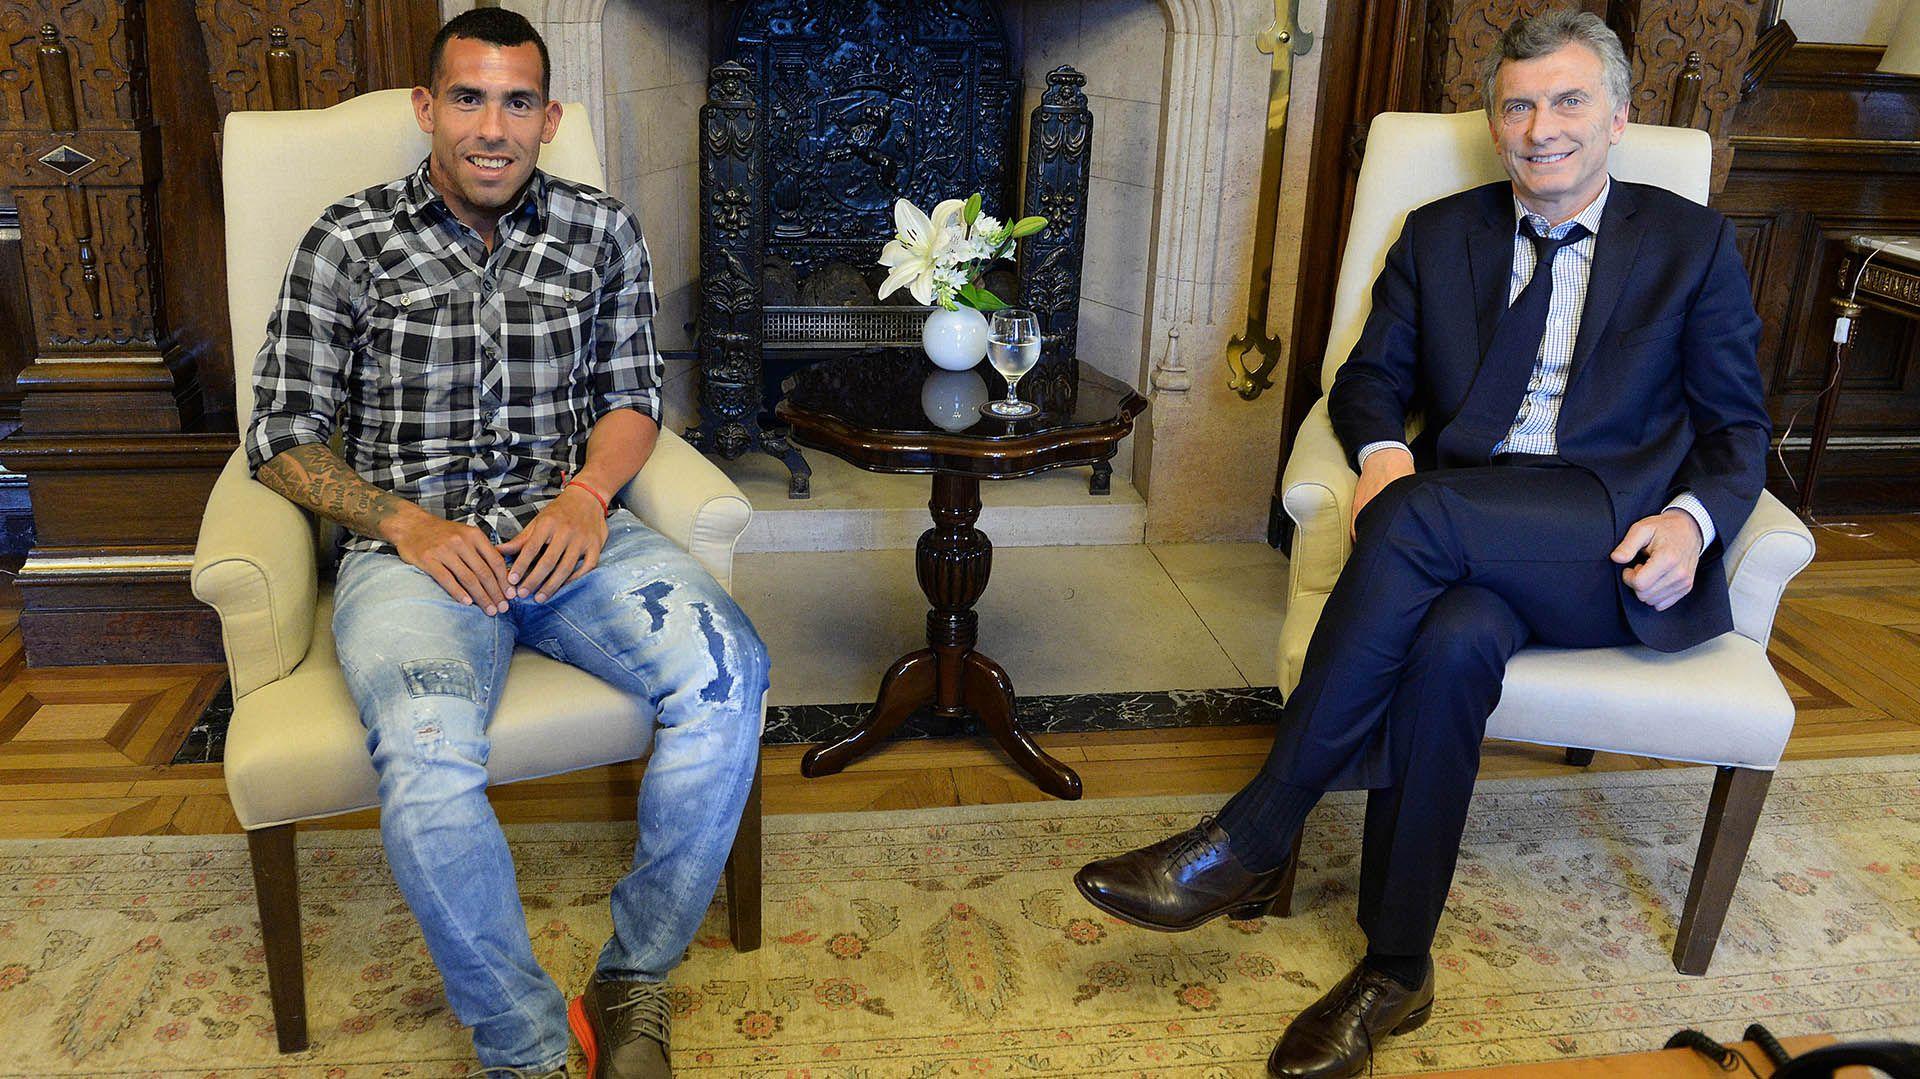 El Apache supo visitar a Macri en la Casa Rosada durante su mandato presidencial (Presidencia)